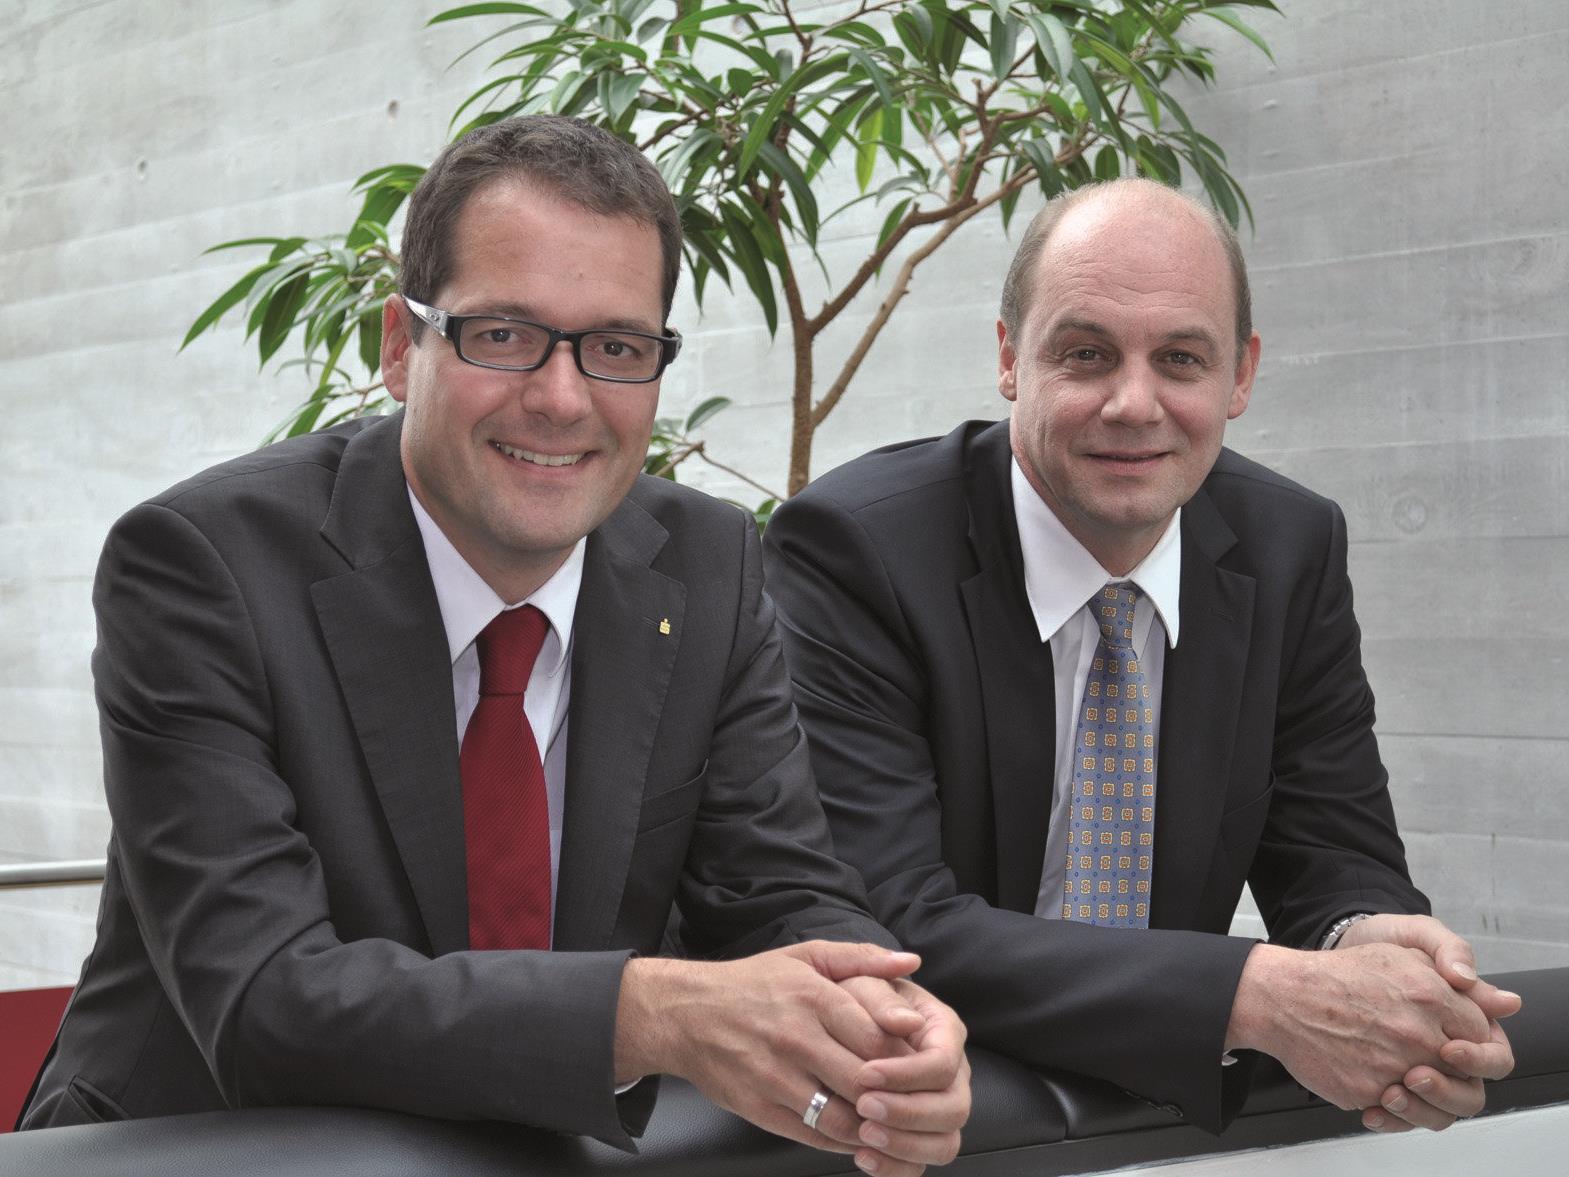 Die Vorstandsdirektoren der Sparkasse Bregenz freuen sich über die Auszeichnung.